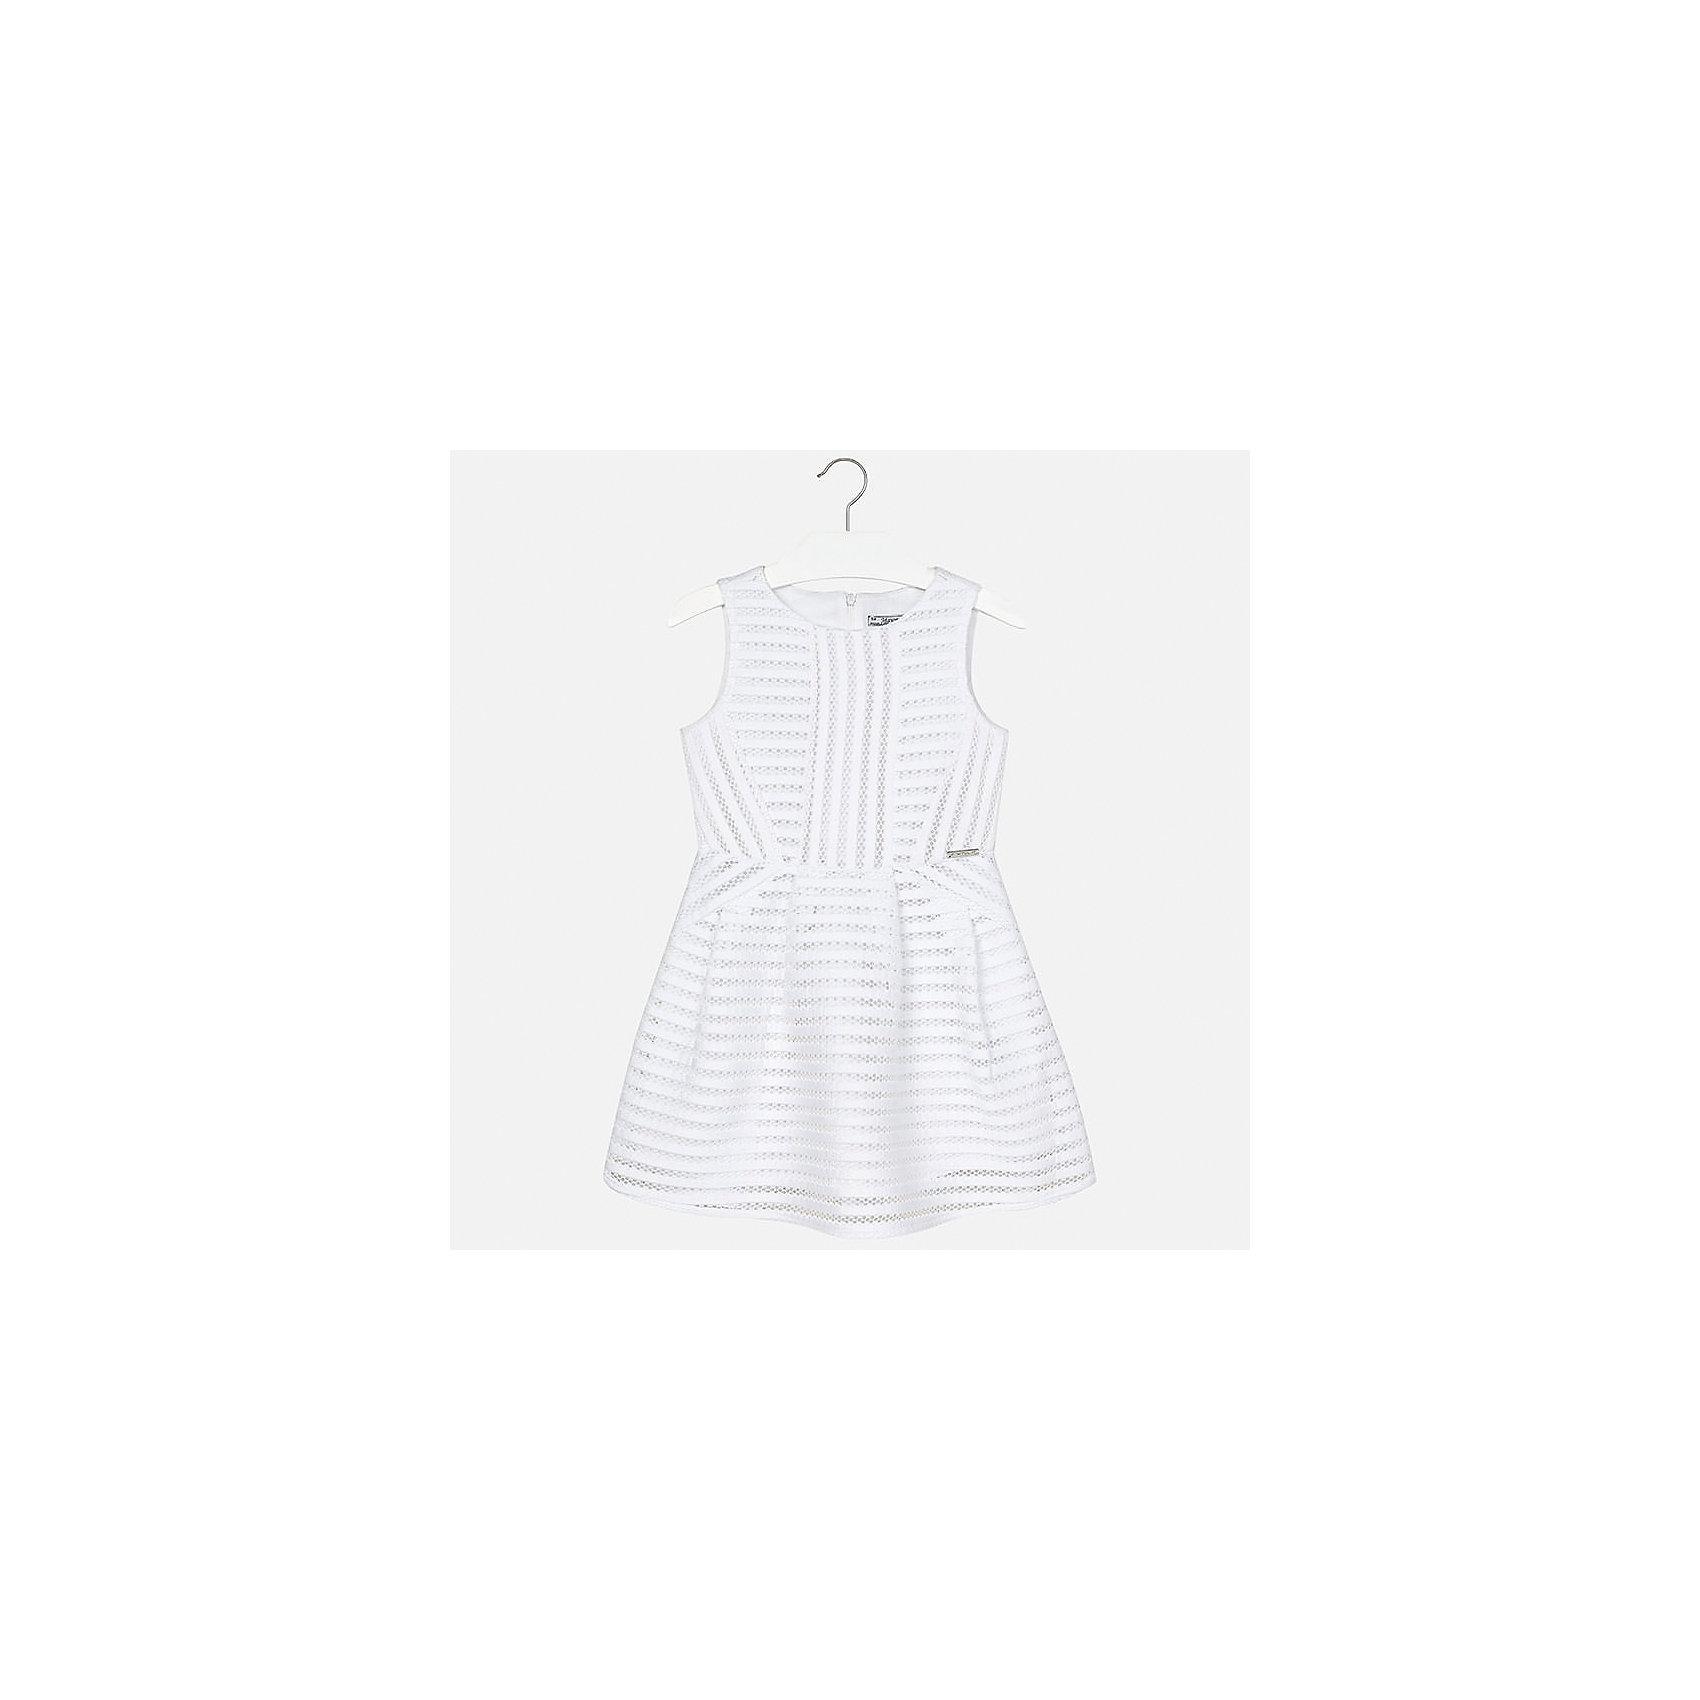 Платье для девочки MayoralОдежда<br>Характеристики товара:<br><br>• цвет: белый<br>• состав: 100% полиэстер, подкладка - 100% полиэстер<br>• застежка: молния<br>• приталенное<br>• без рукавов<br>• с подкладкой<br>• страна бренда: Испания<br><br>Нарядное платье для девочки поможет разнообразить гардероб ребенка и создать эффектный наряд. Оно подойдет для различных случаев. Красивый оттенок позволяет подобрать к вещи обувь разных расцветок. Платье хорошо сидит по фигуре.<br><br>Одежда, обувь и аксессуары от испанского бренда Mayoral полюбились детям и взрослым по всему миру. Модели этой марки - стильные и удобные. Для их производства используются только безопасные, качественные материалы и фурнитура. Порадуйте ребенка модными и красивыми вещами от Mayoral! <br><br>Платье для девочки от испанского бренда Mayoral (Майорал) можно купить в нашем интернет-магазине.<br><br>Ширина мм: 236<br>Глубина мм: 16<br>Высота мм: 184<br>Вес г: 177<br>Цвет: белый<br>Возраст от месяцев: 168<br>Возраст до месяцев: 180<br>Пол: Женский<br>Возраст: Детский<br>Размер: 170,128/134,140,152,158,164<br>SKU: 5293269